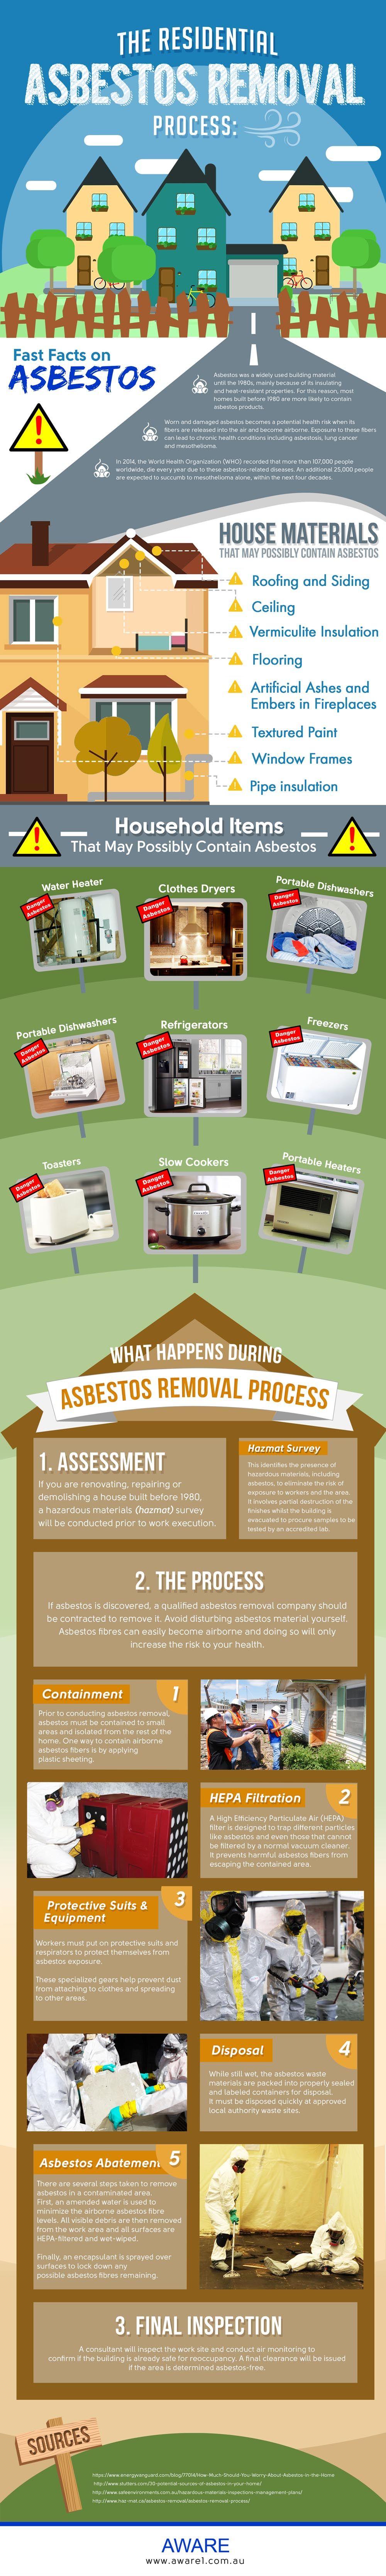 29+ Asbestos like material